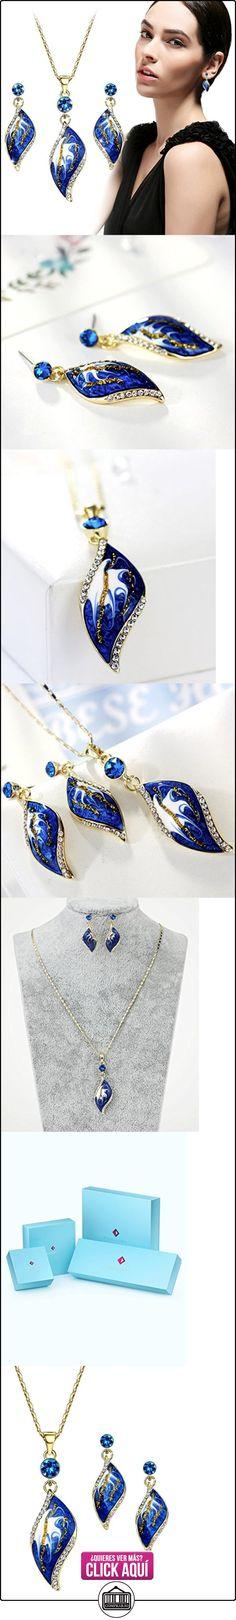 NEOGLORY Conjunto de Joya Collar Pendientes Esmalte Azul Oro 14K Enchapado Joya Original Mujer  ✿ Joyas para mujer - Las mejores ofertas ✿ ▬► Ver oferta: http://comprar.io/goto/B01IMXZ35S